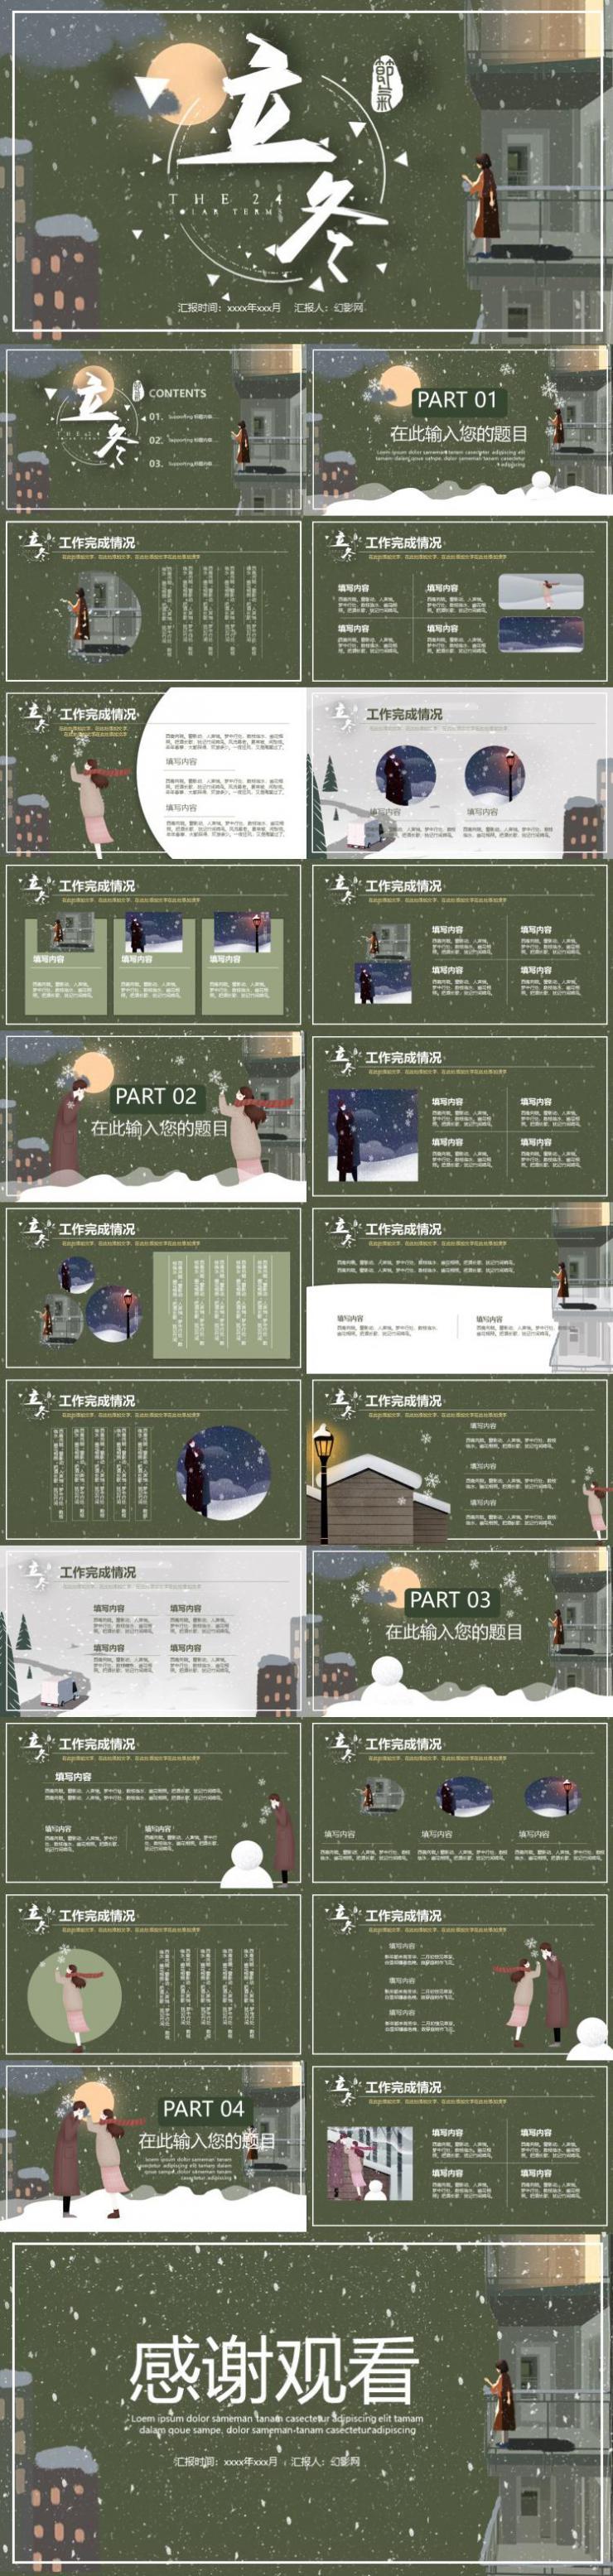 绿色立冬雪景工作总结汇报PPT模板